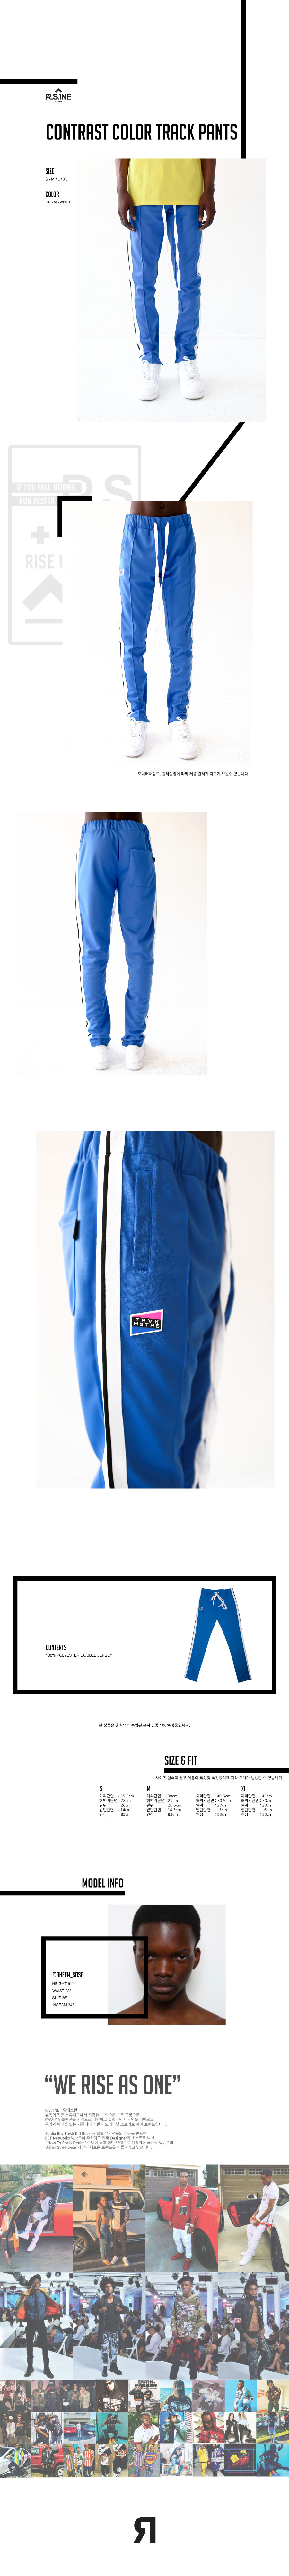 알에스원(R.S.1NE) CONTRAST COLOR TRACK PANTS(BLUEWHITE)